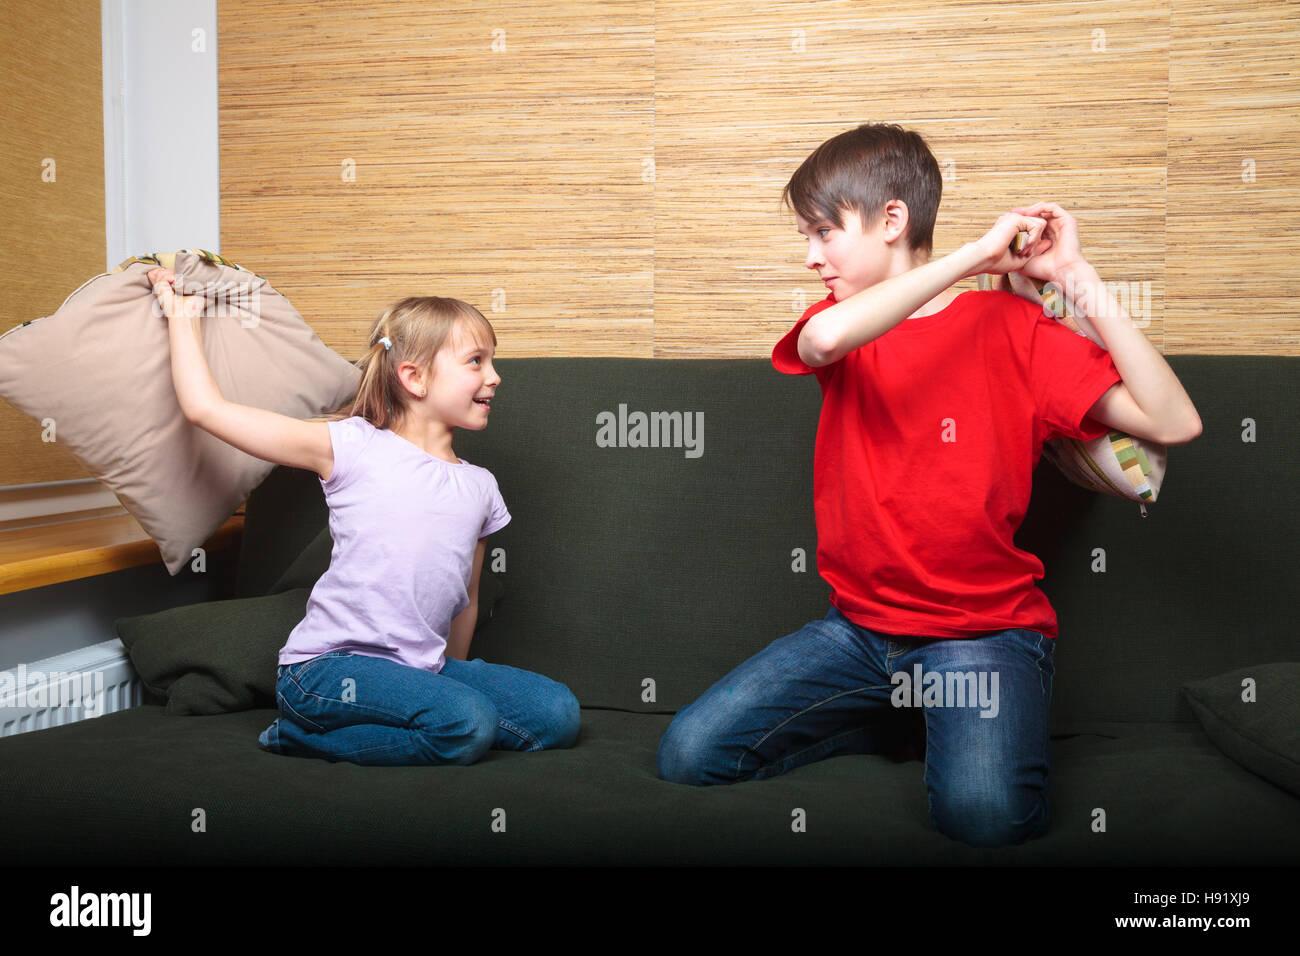 Секс брат и сестра со связыванием, Брат и сестра трахаются (занимаются сексом) Смотреть 7 фотография